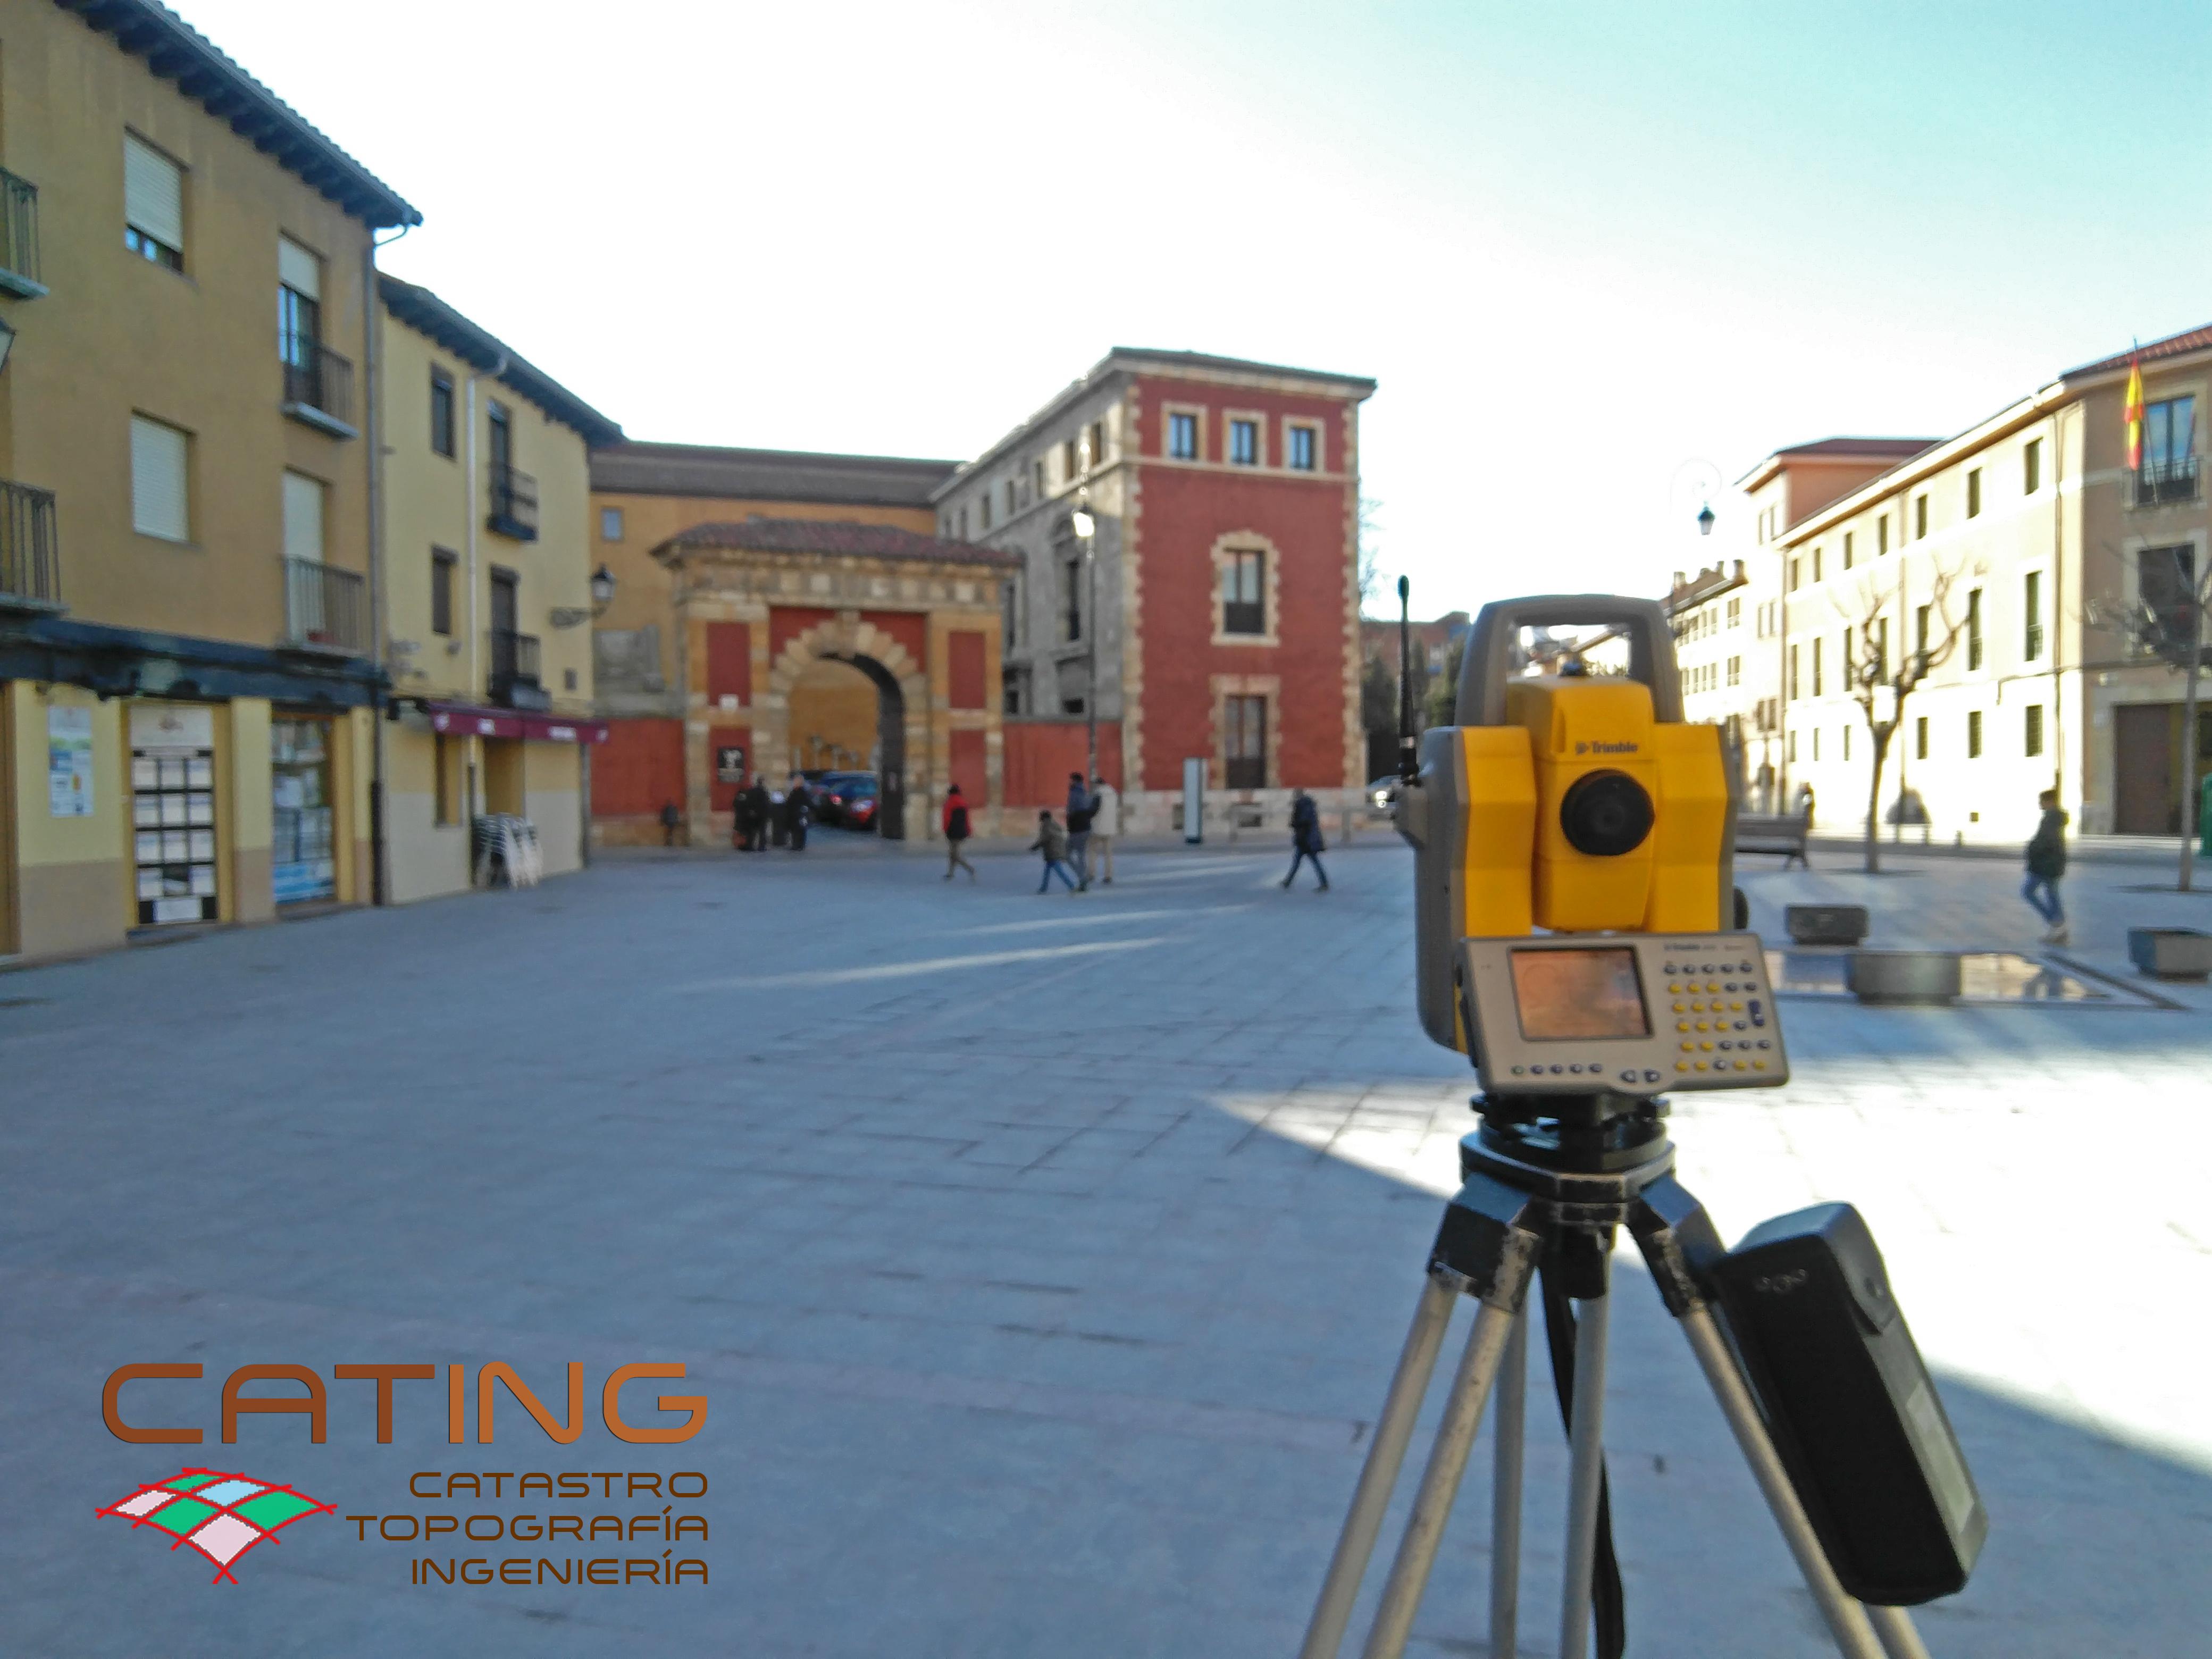 Medición topográfica en Plaza de Santo Martino, León.